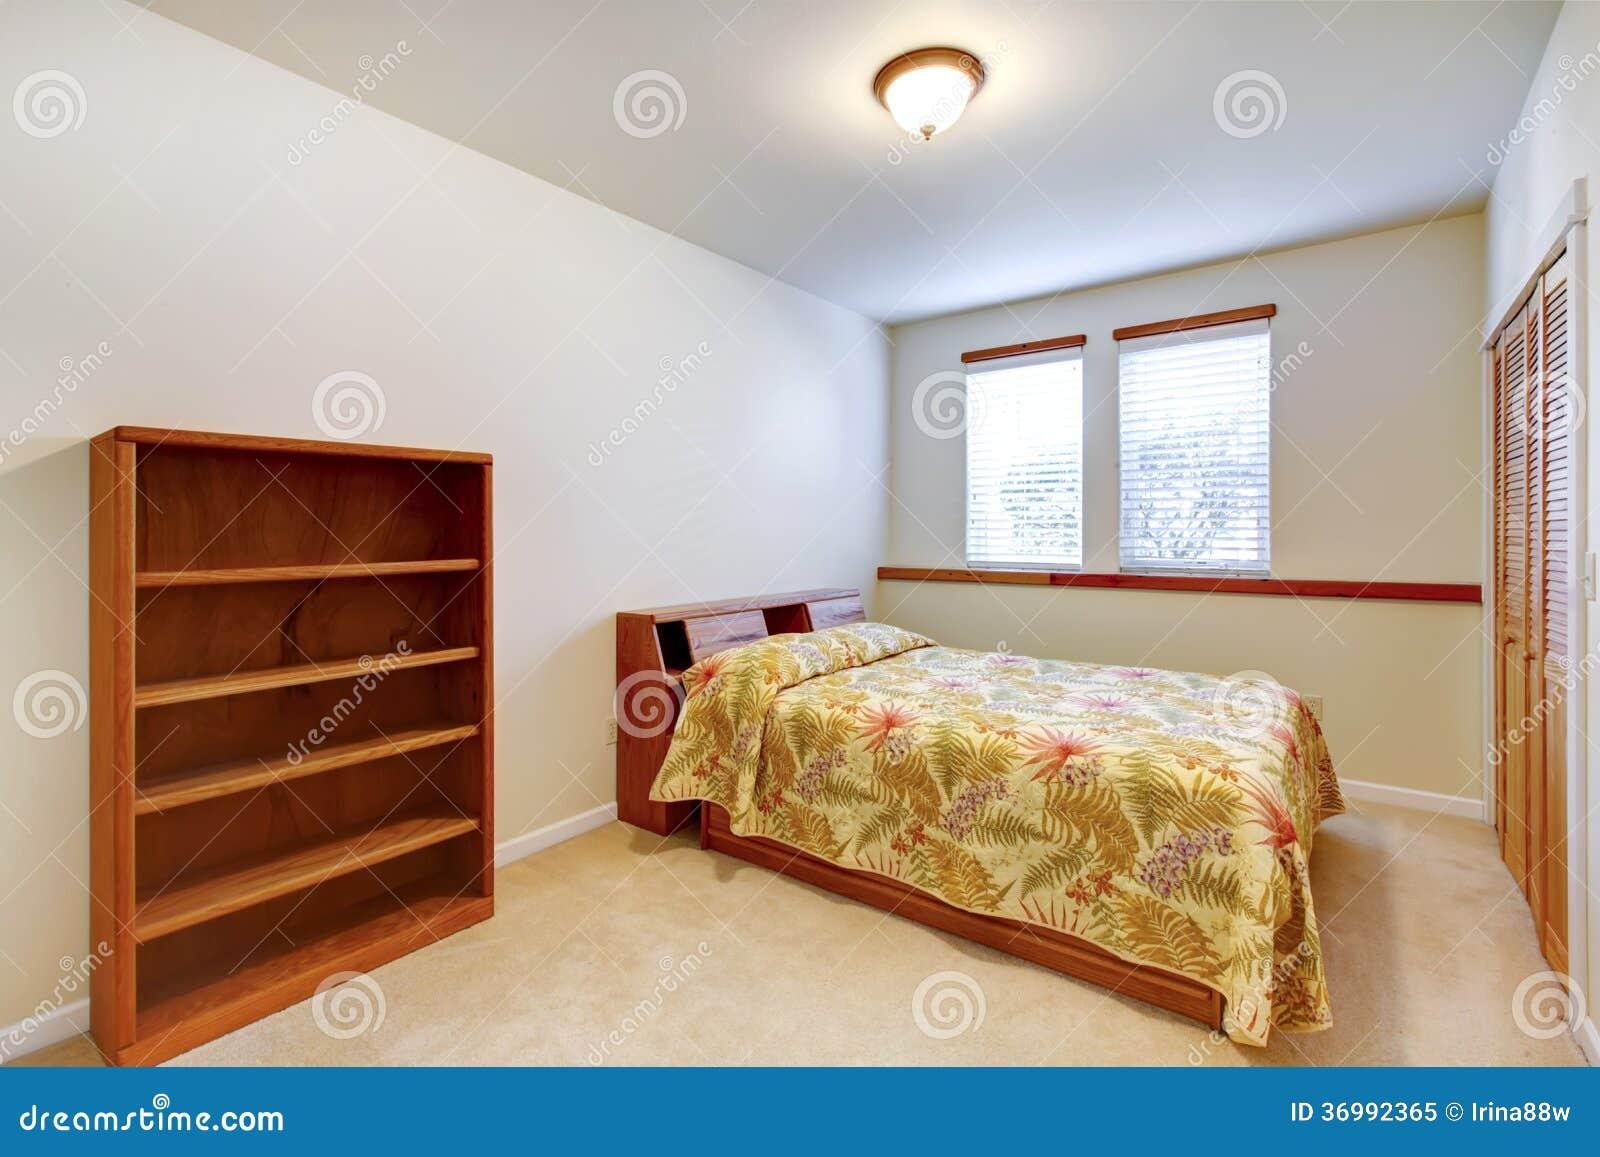 Warm Simple Bedroom With Bifold Doors Walk In Closet Carpet Floor And